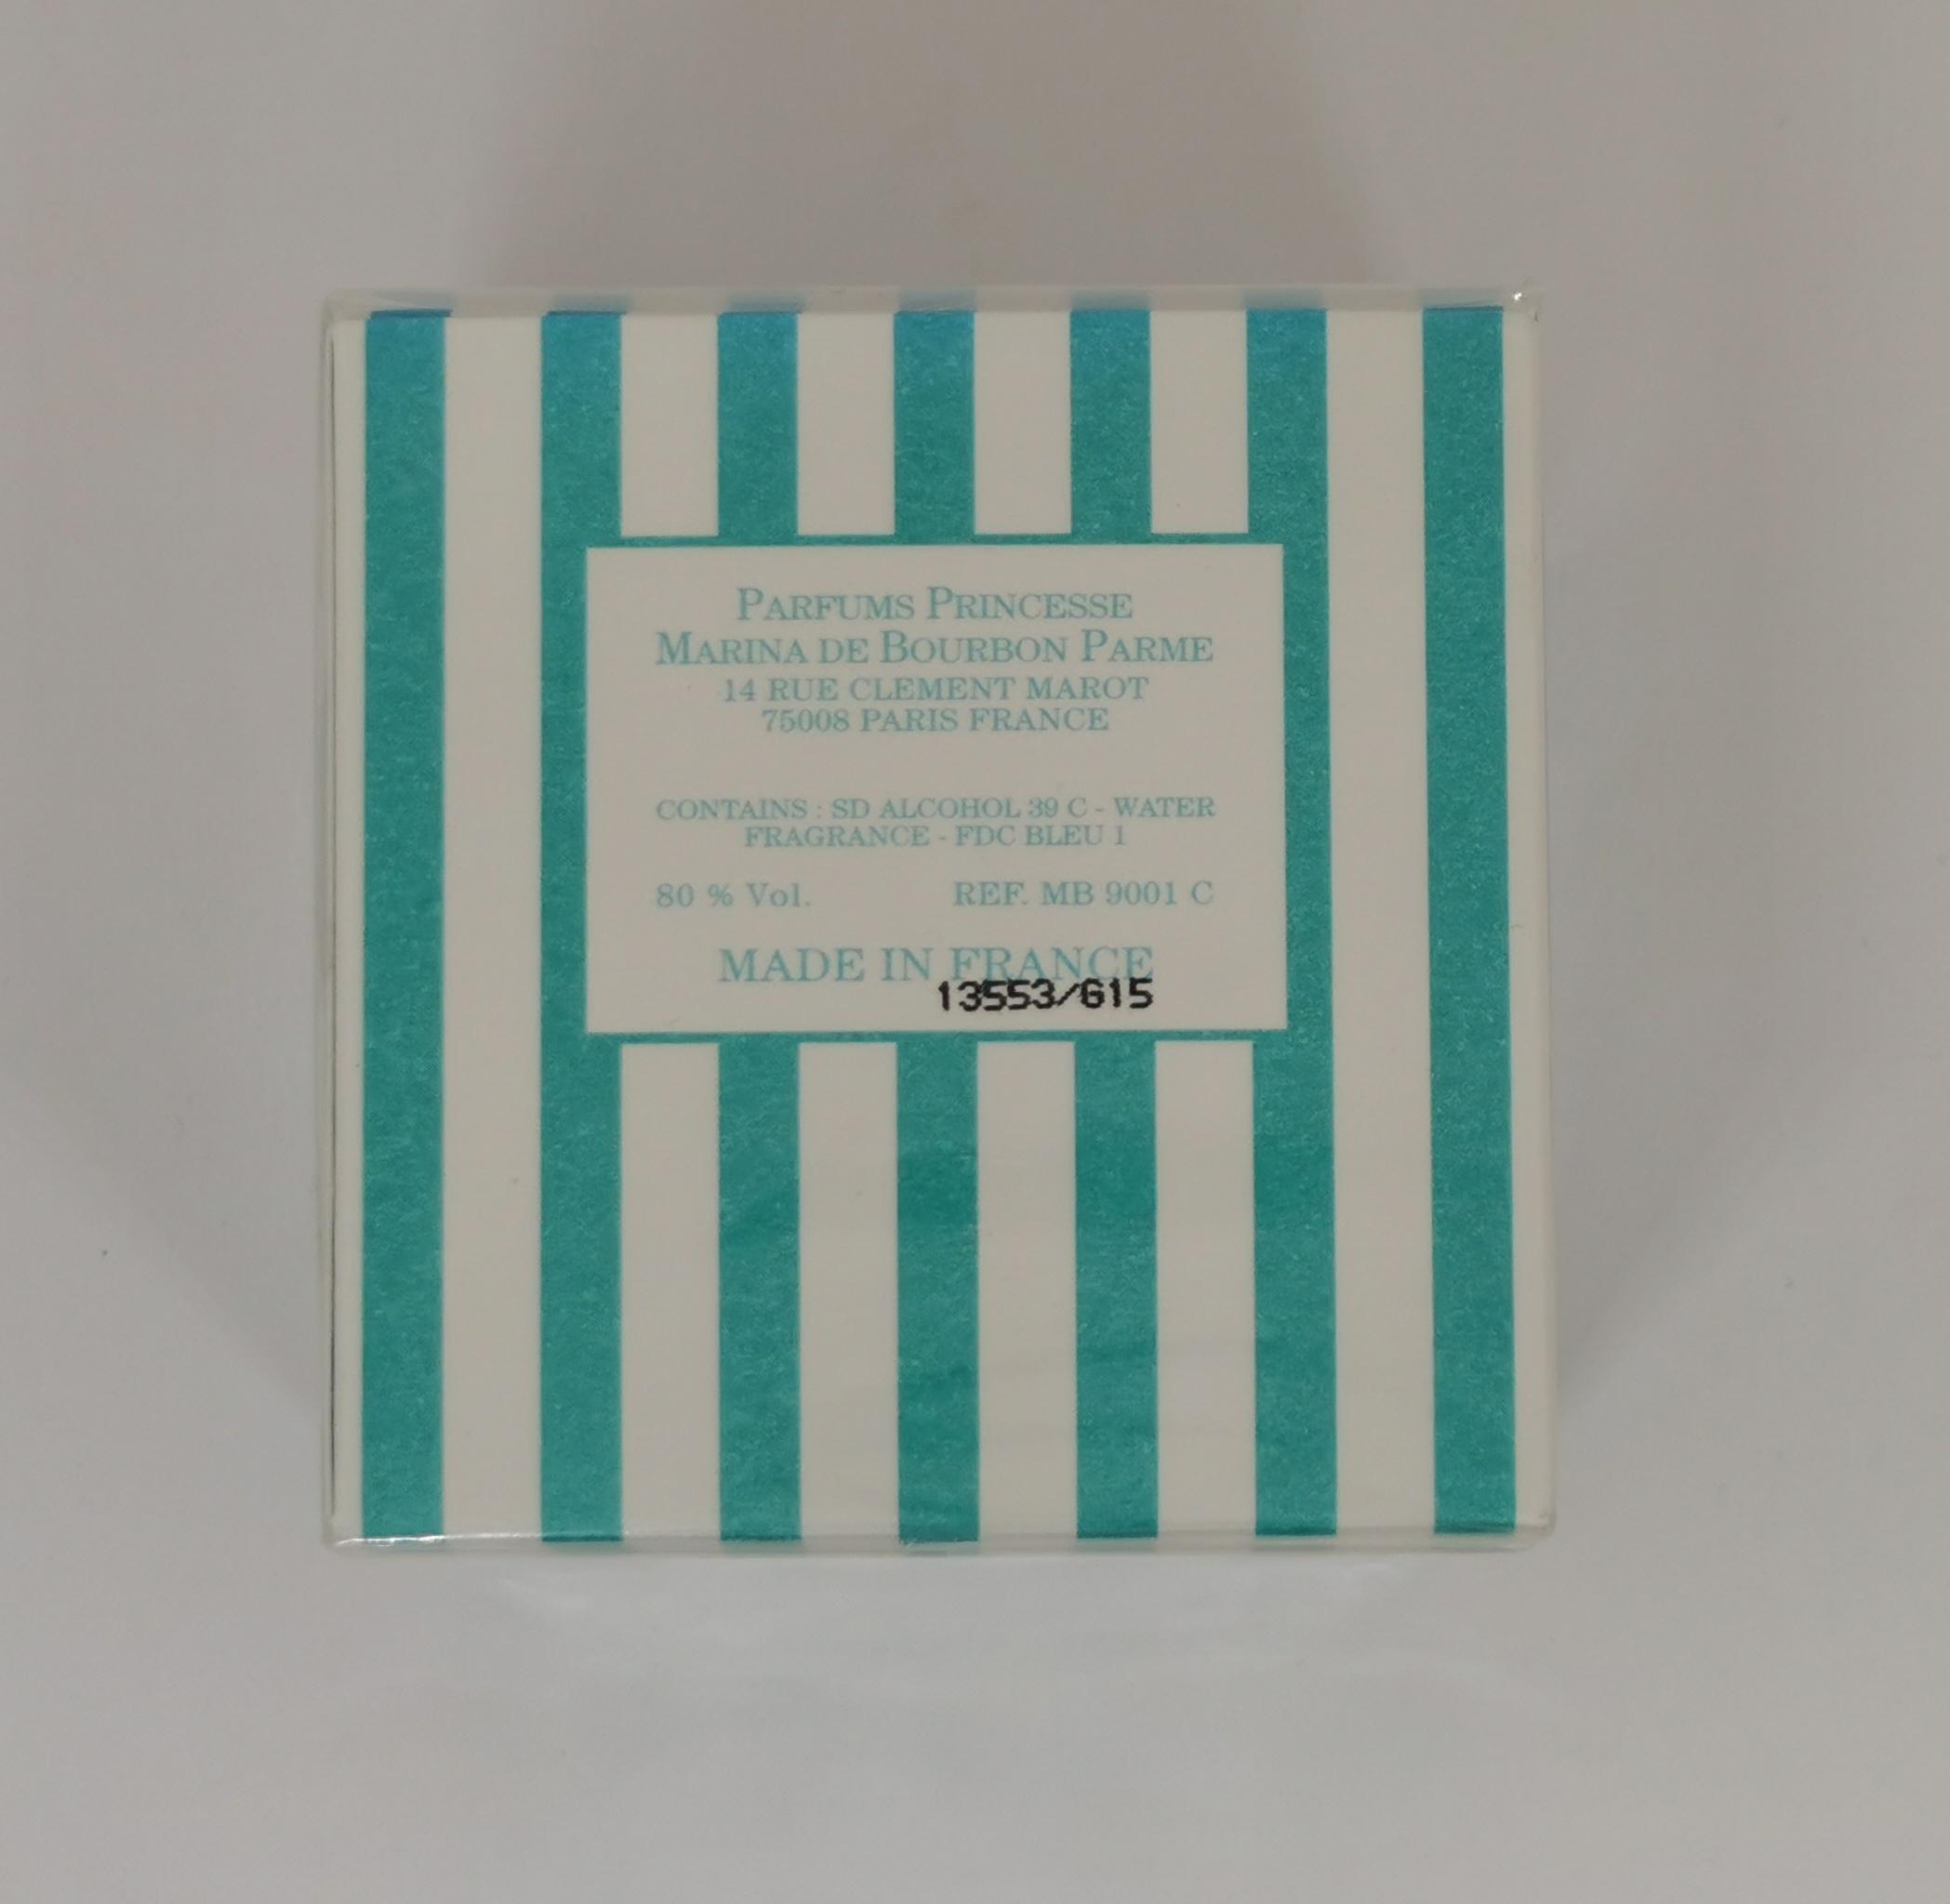 Духи 7.5 мл Princesse Marina De Bourbon Mon Bouquet - фото батч-кода на коробке